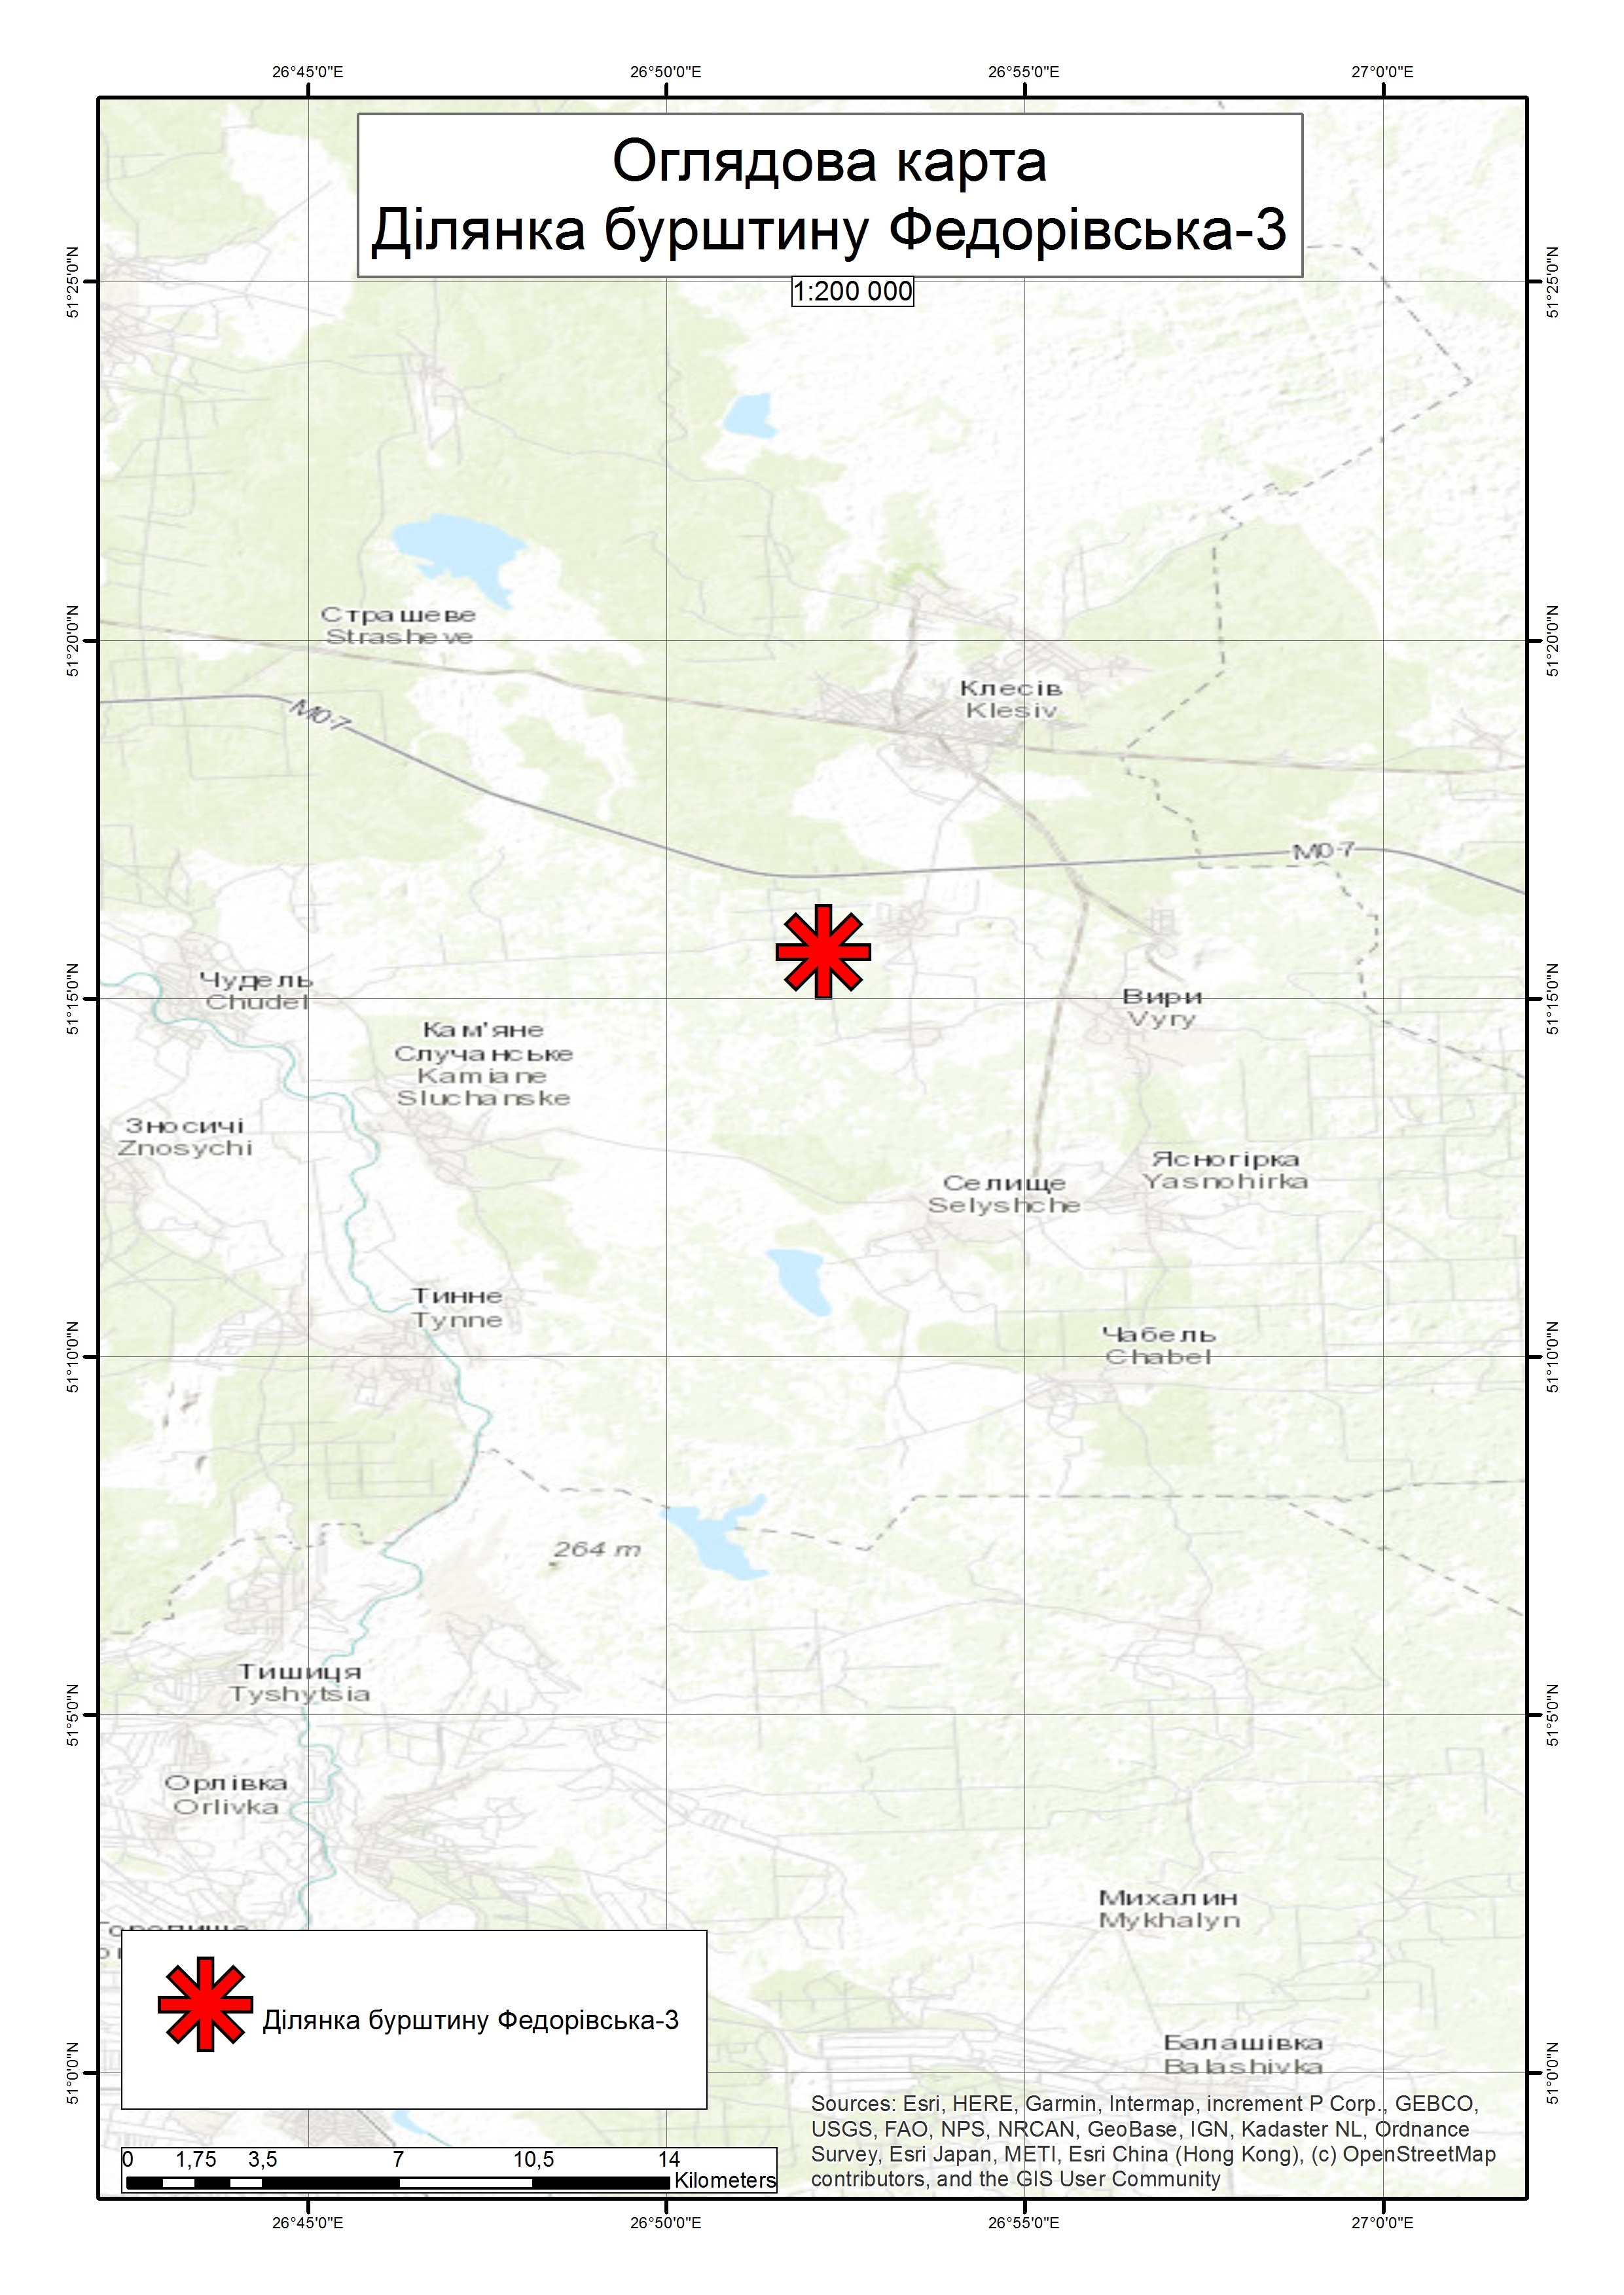 Спеціальний дозвіл на користування надрами – Ділянка Федорівська-3. Вартість геологічної інформації – 101 295,22 грн (з ПДВ). Вартість пакету аукціонної документації – 10 310,98 грн (з ПДВ).